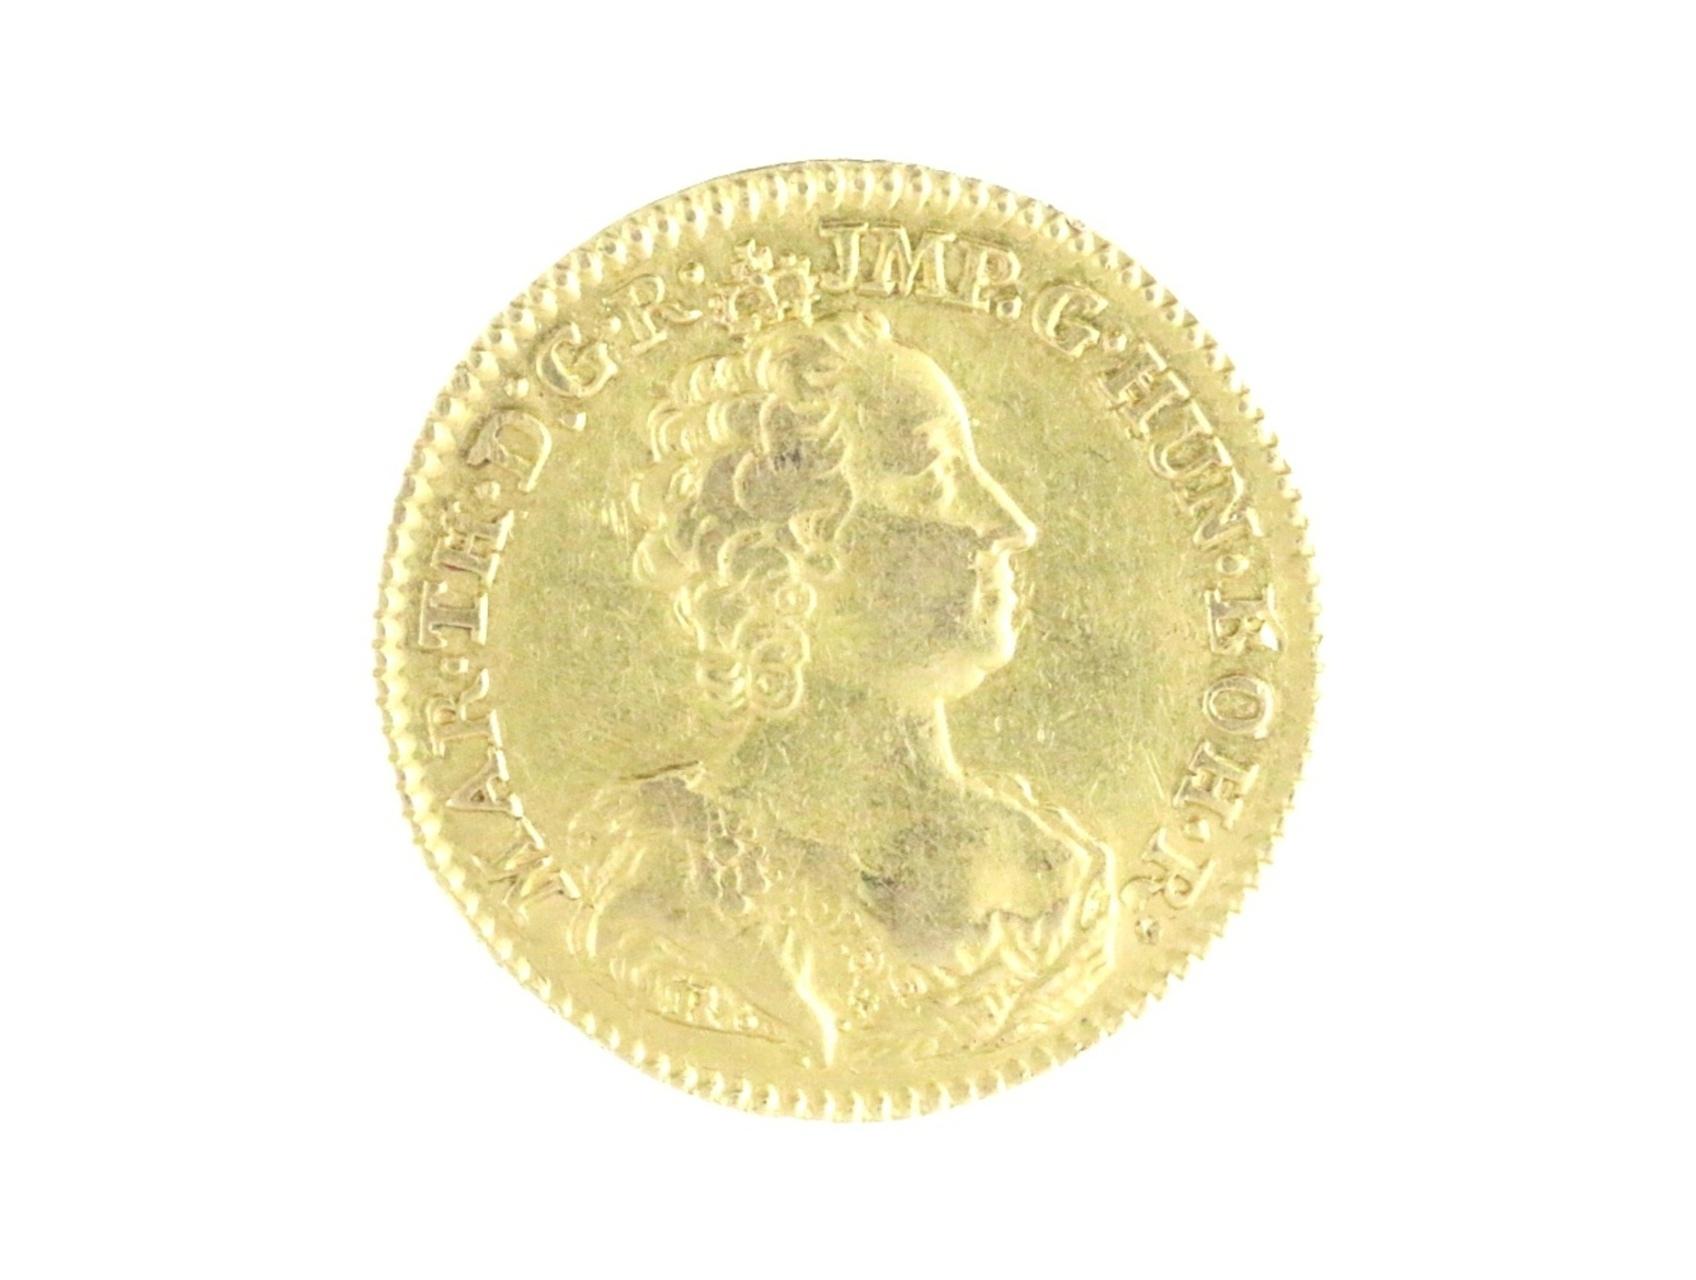 Marie Terezie 1740-1780 -  Souverain d´or 1756 Antverpy, ražba pro rakouské Nizozemí s tit. císařským, N234